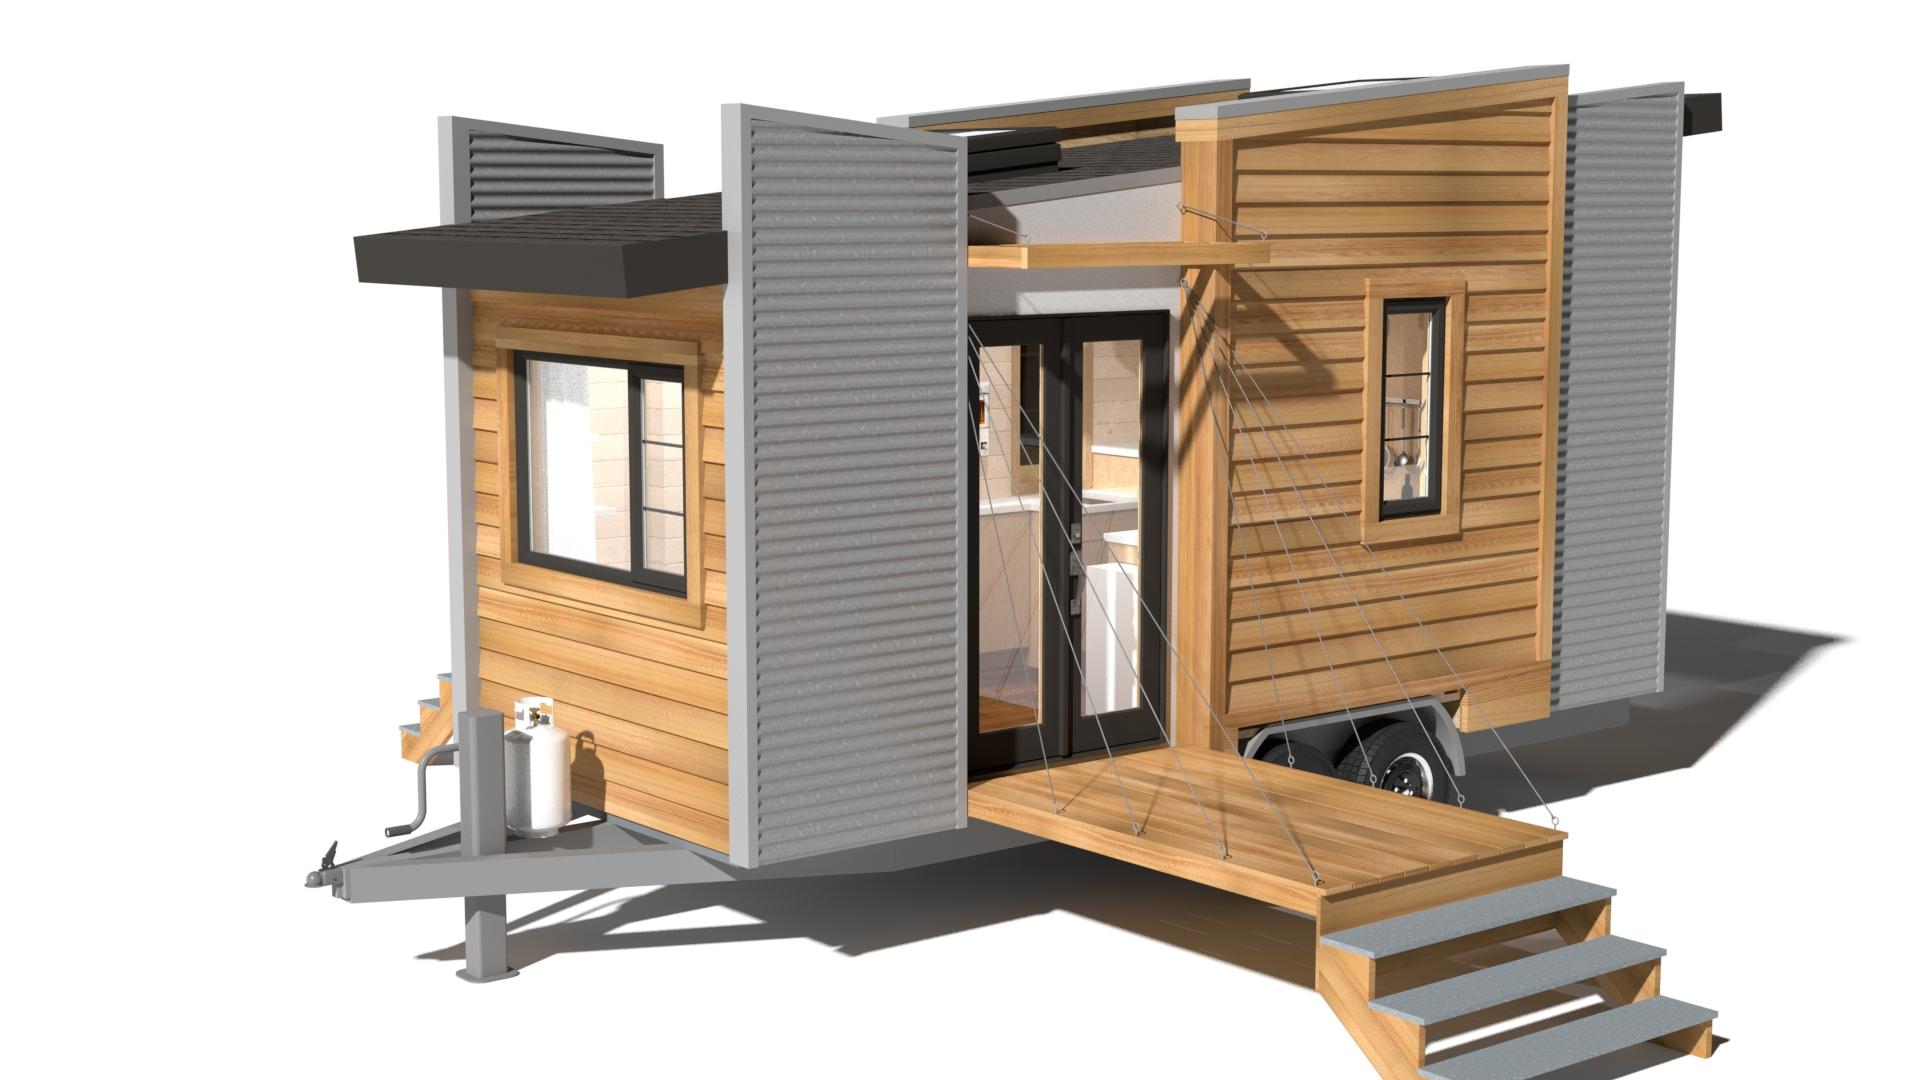 Tiny Home Designs: Contemporary Dragonfly-20